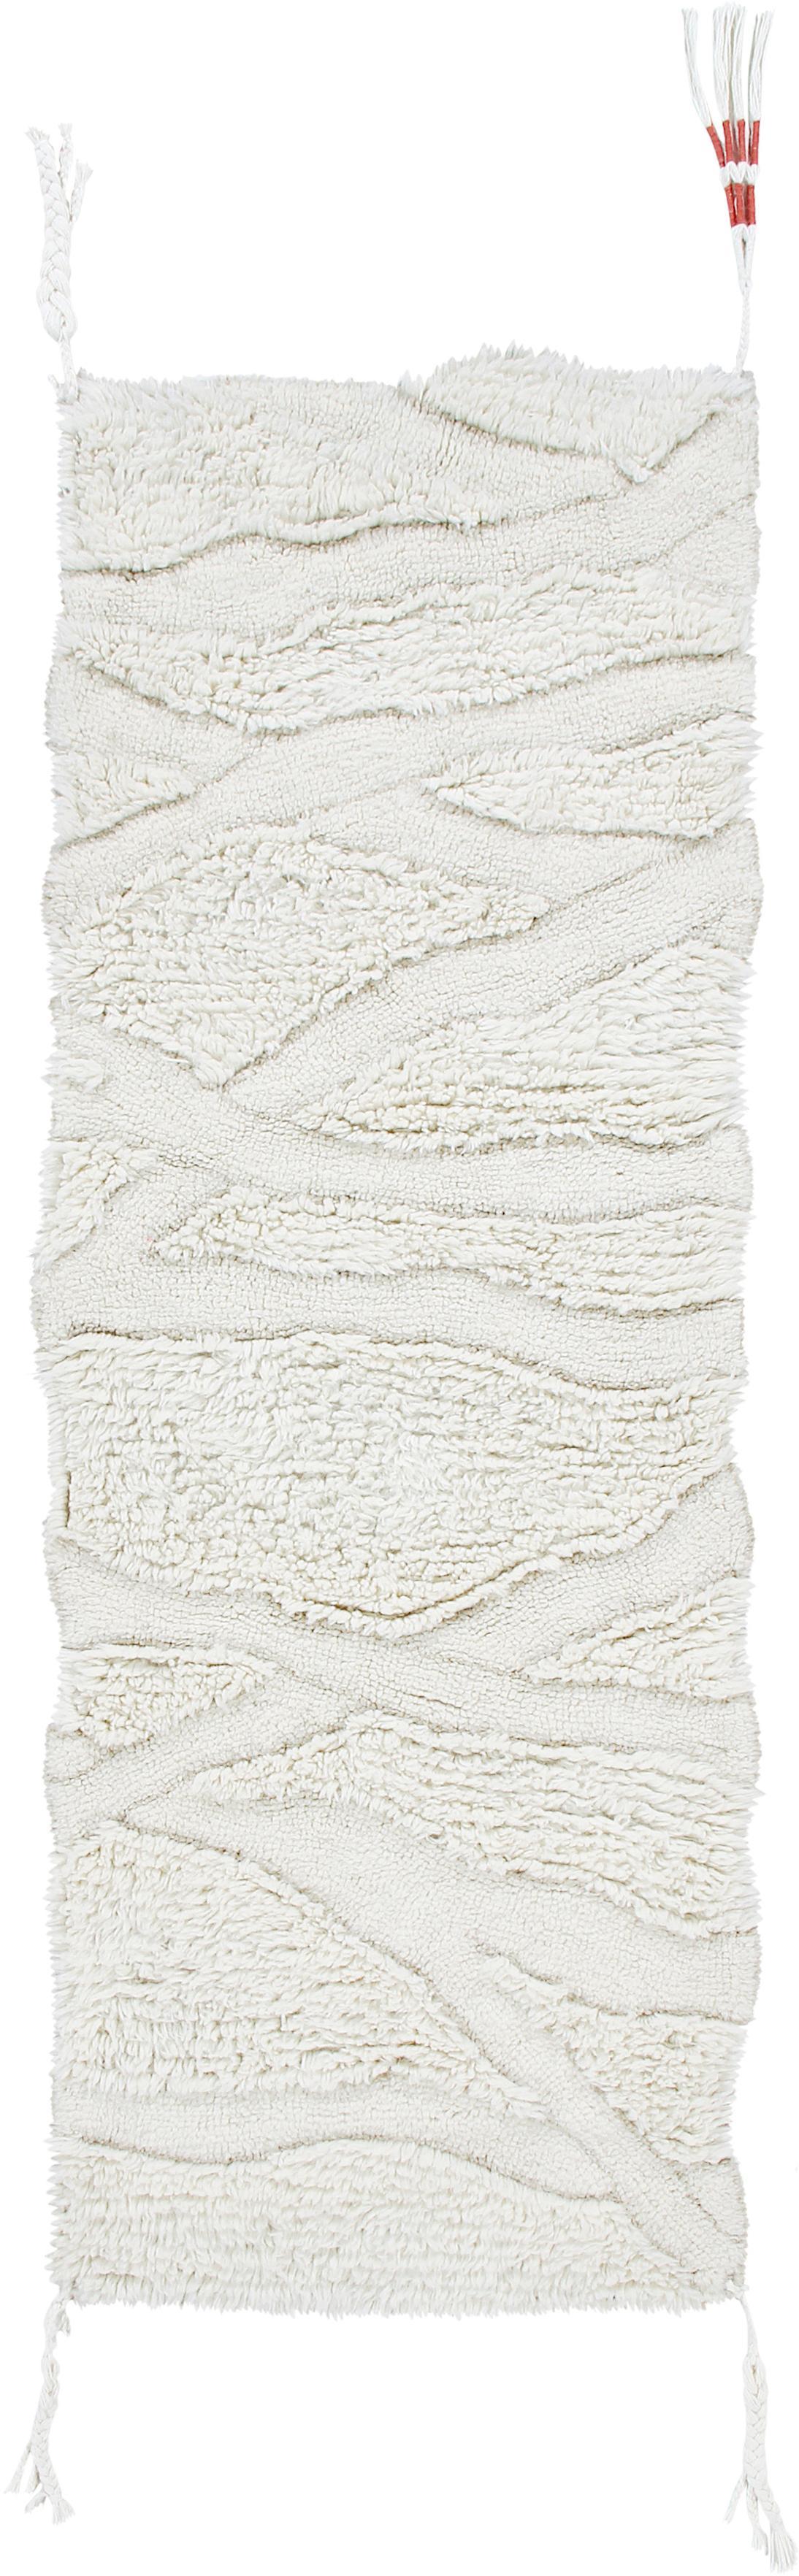 Flauschiger Wollläufer Enkang Ivory mit Hoch-Tief-Struktur und Quasten, Flor: 100% Wolle, Gebrochenes Weiß, 70 x 200 cm